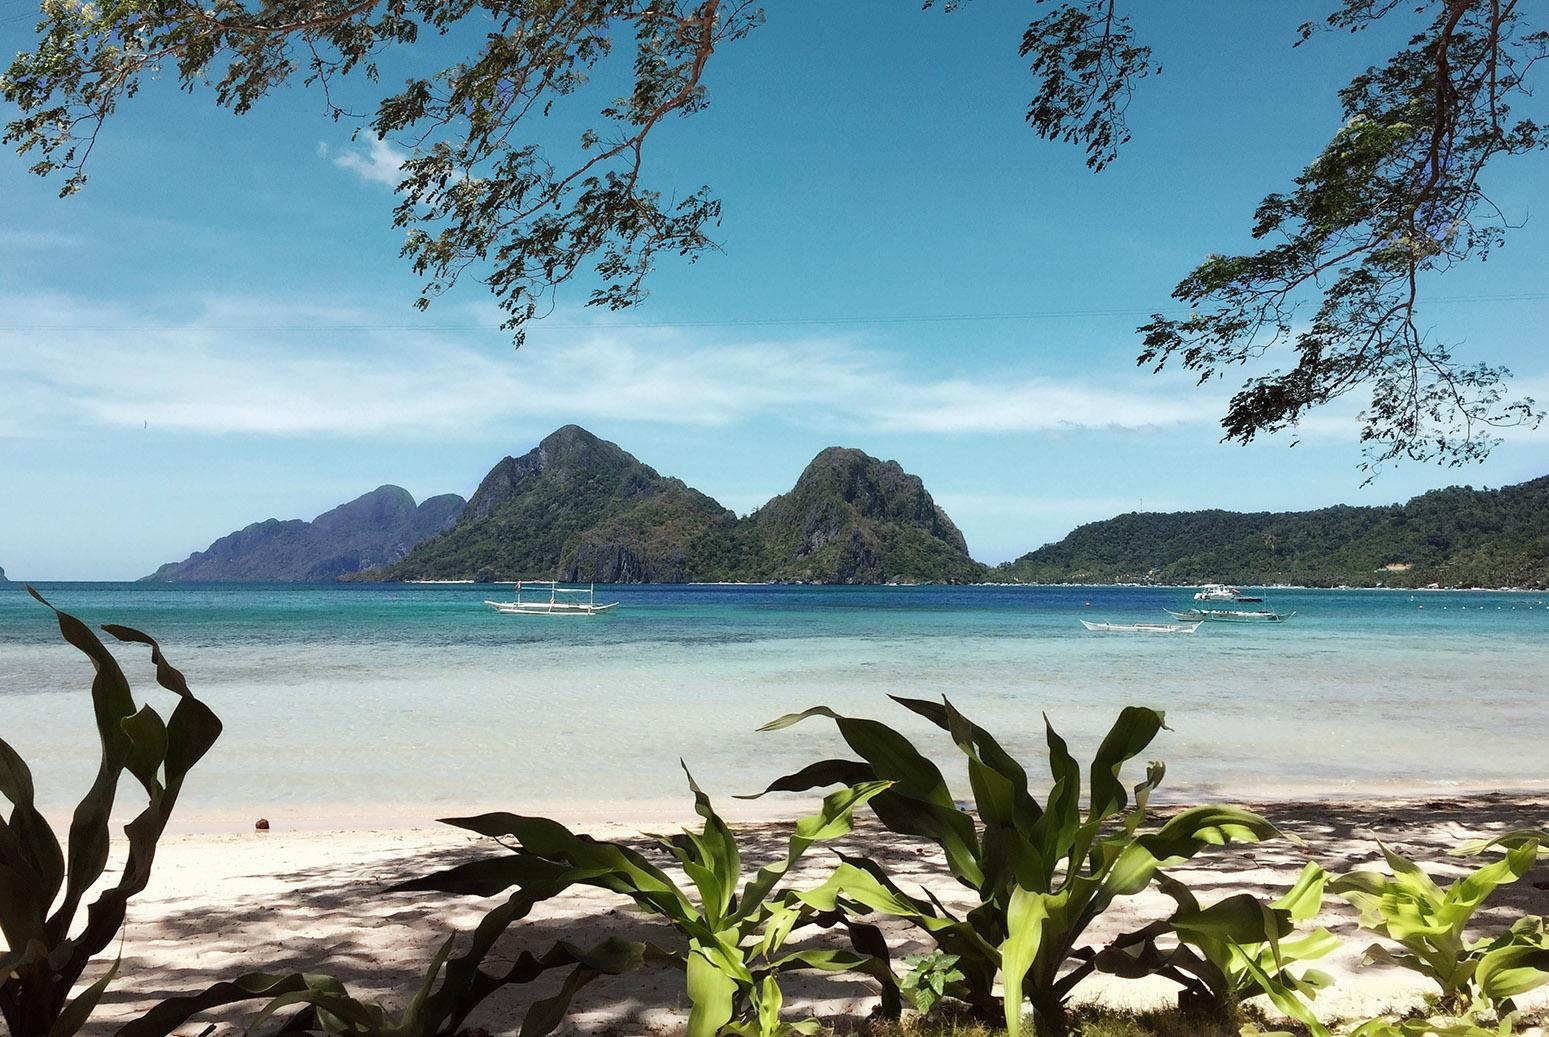 Kedy je najlepšie počasie na Filipínach a ako je to s ostrovom Palawan?